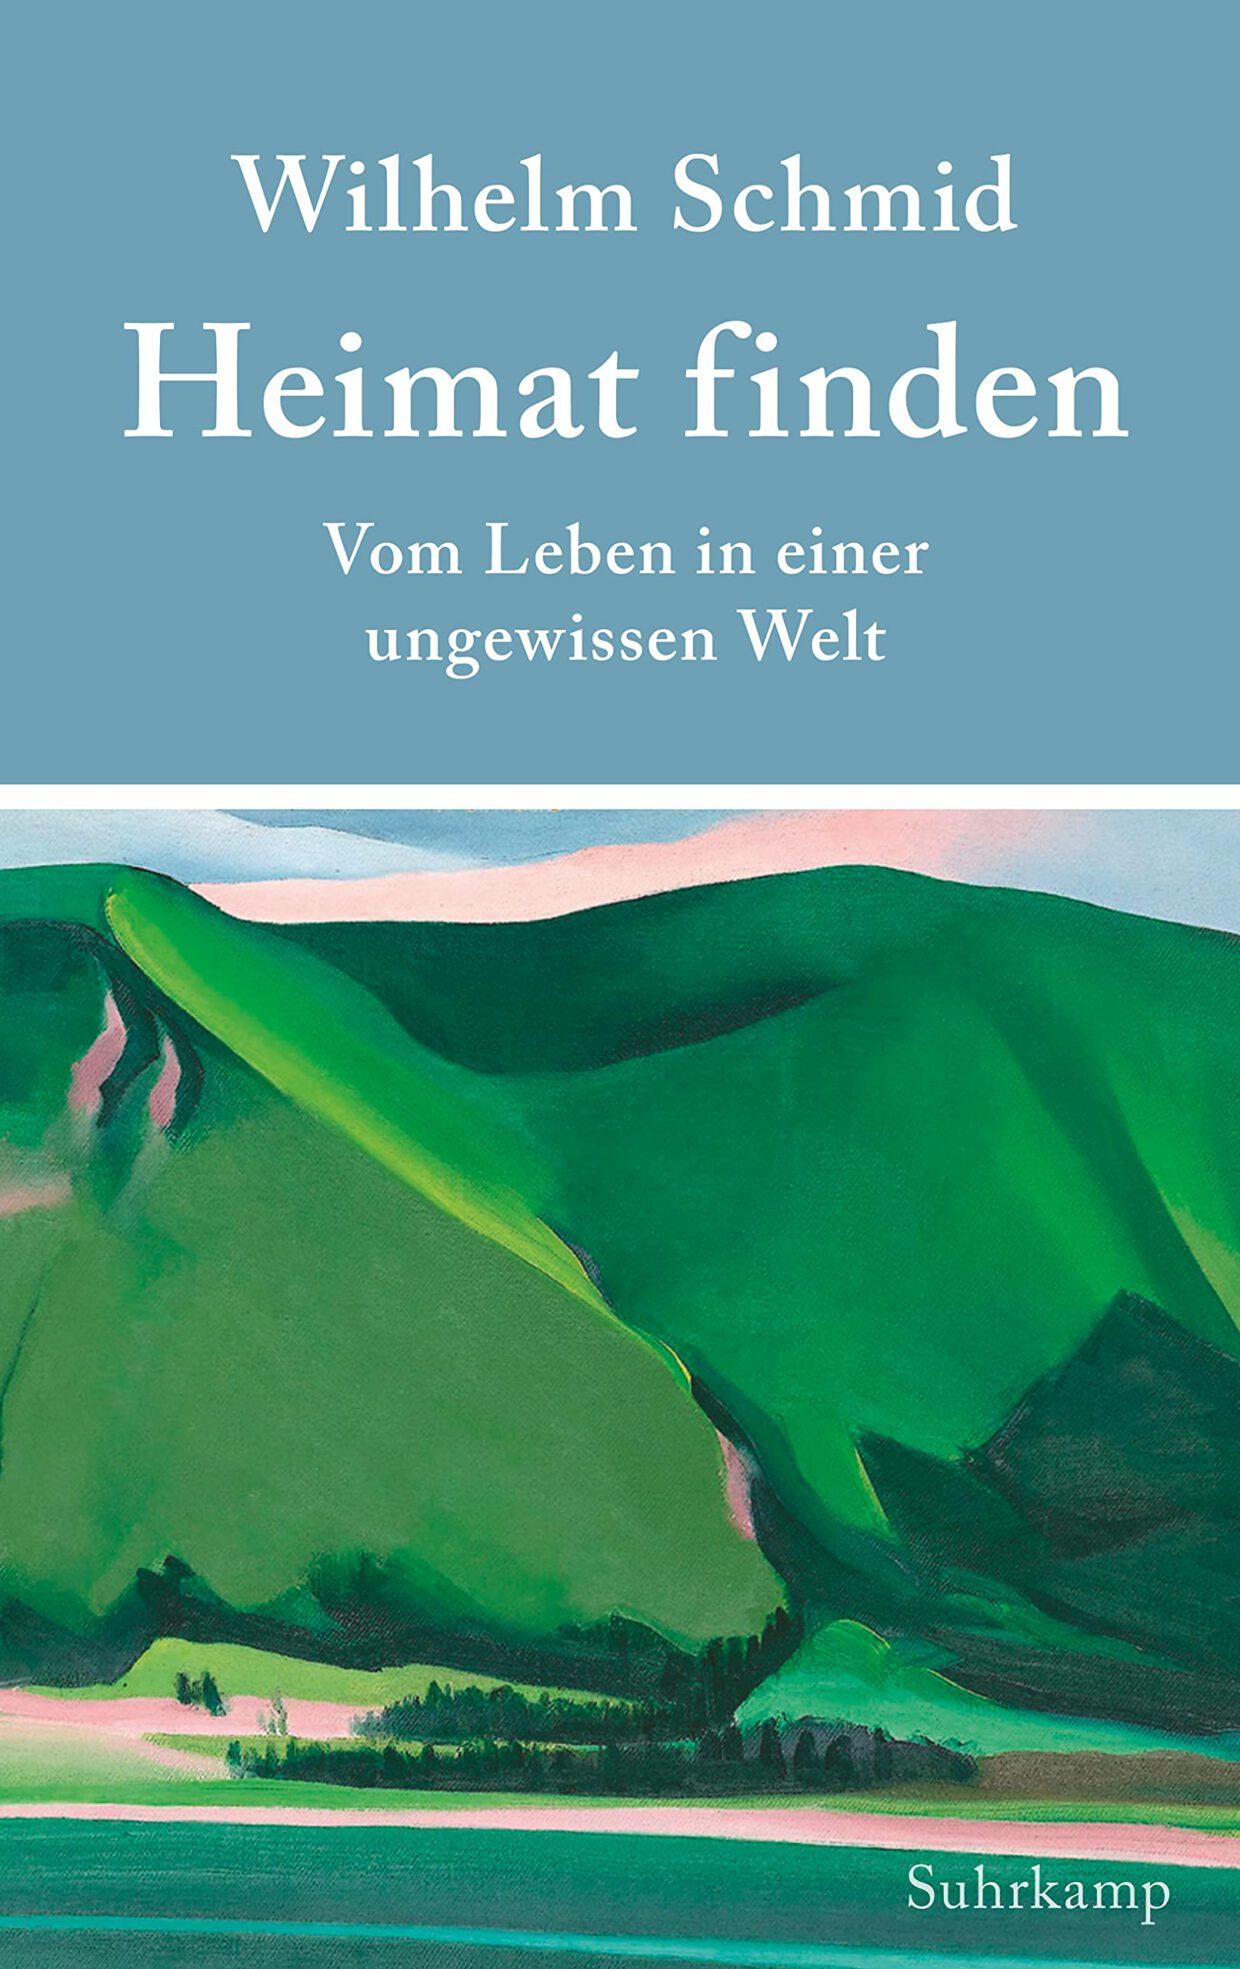 Wilhelm Schmid: Heimat finden